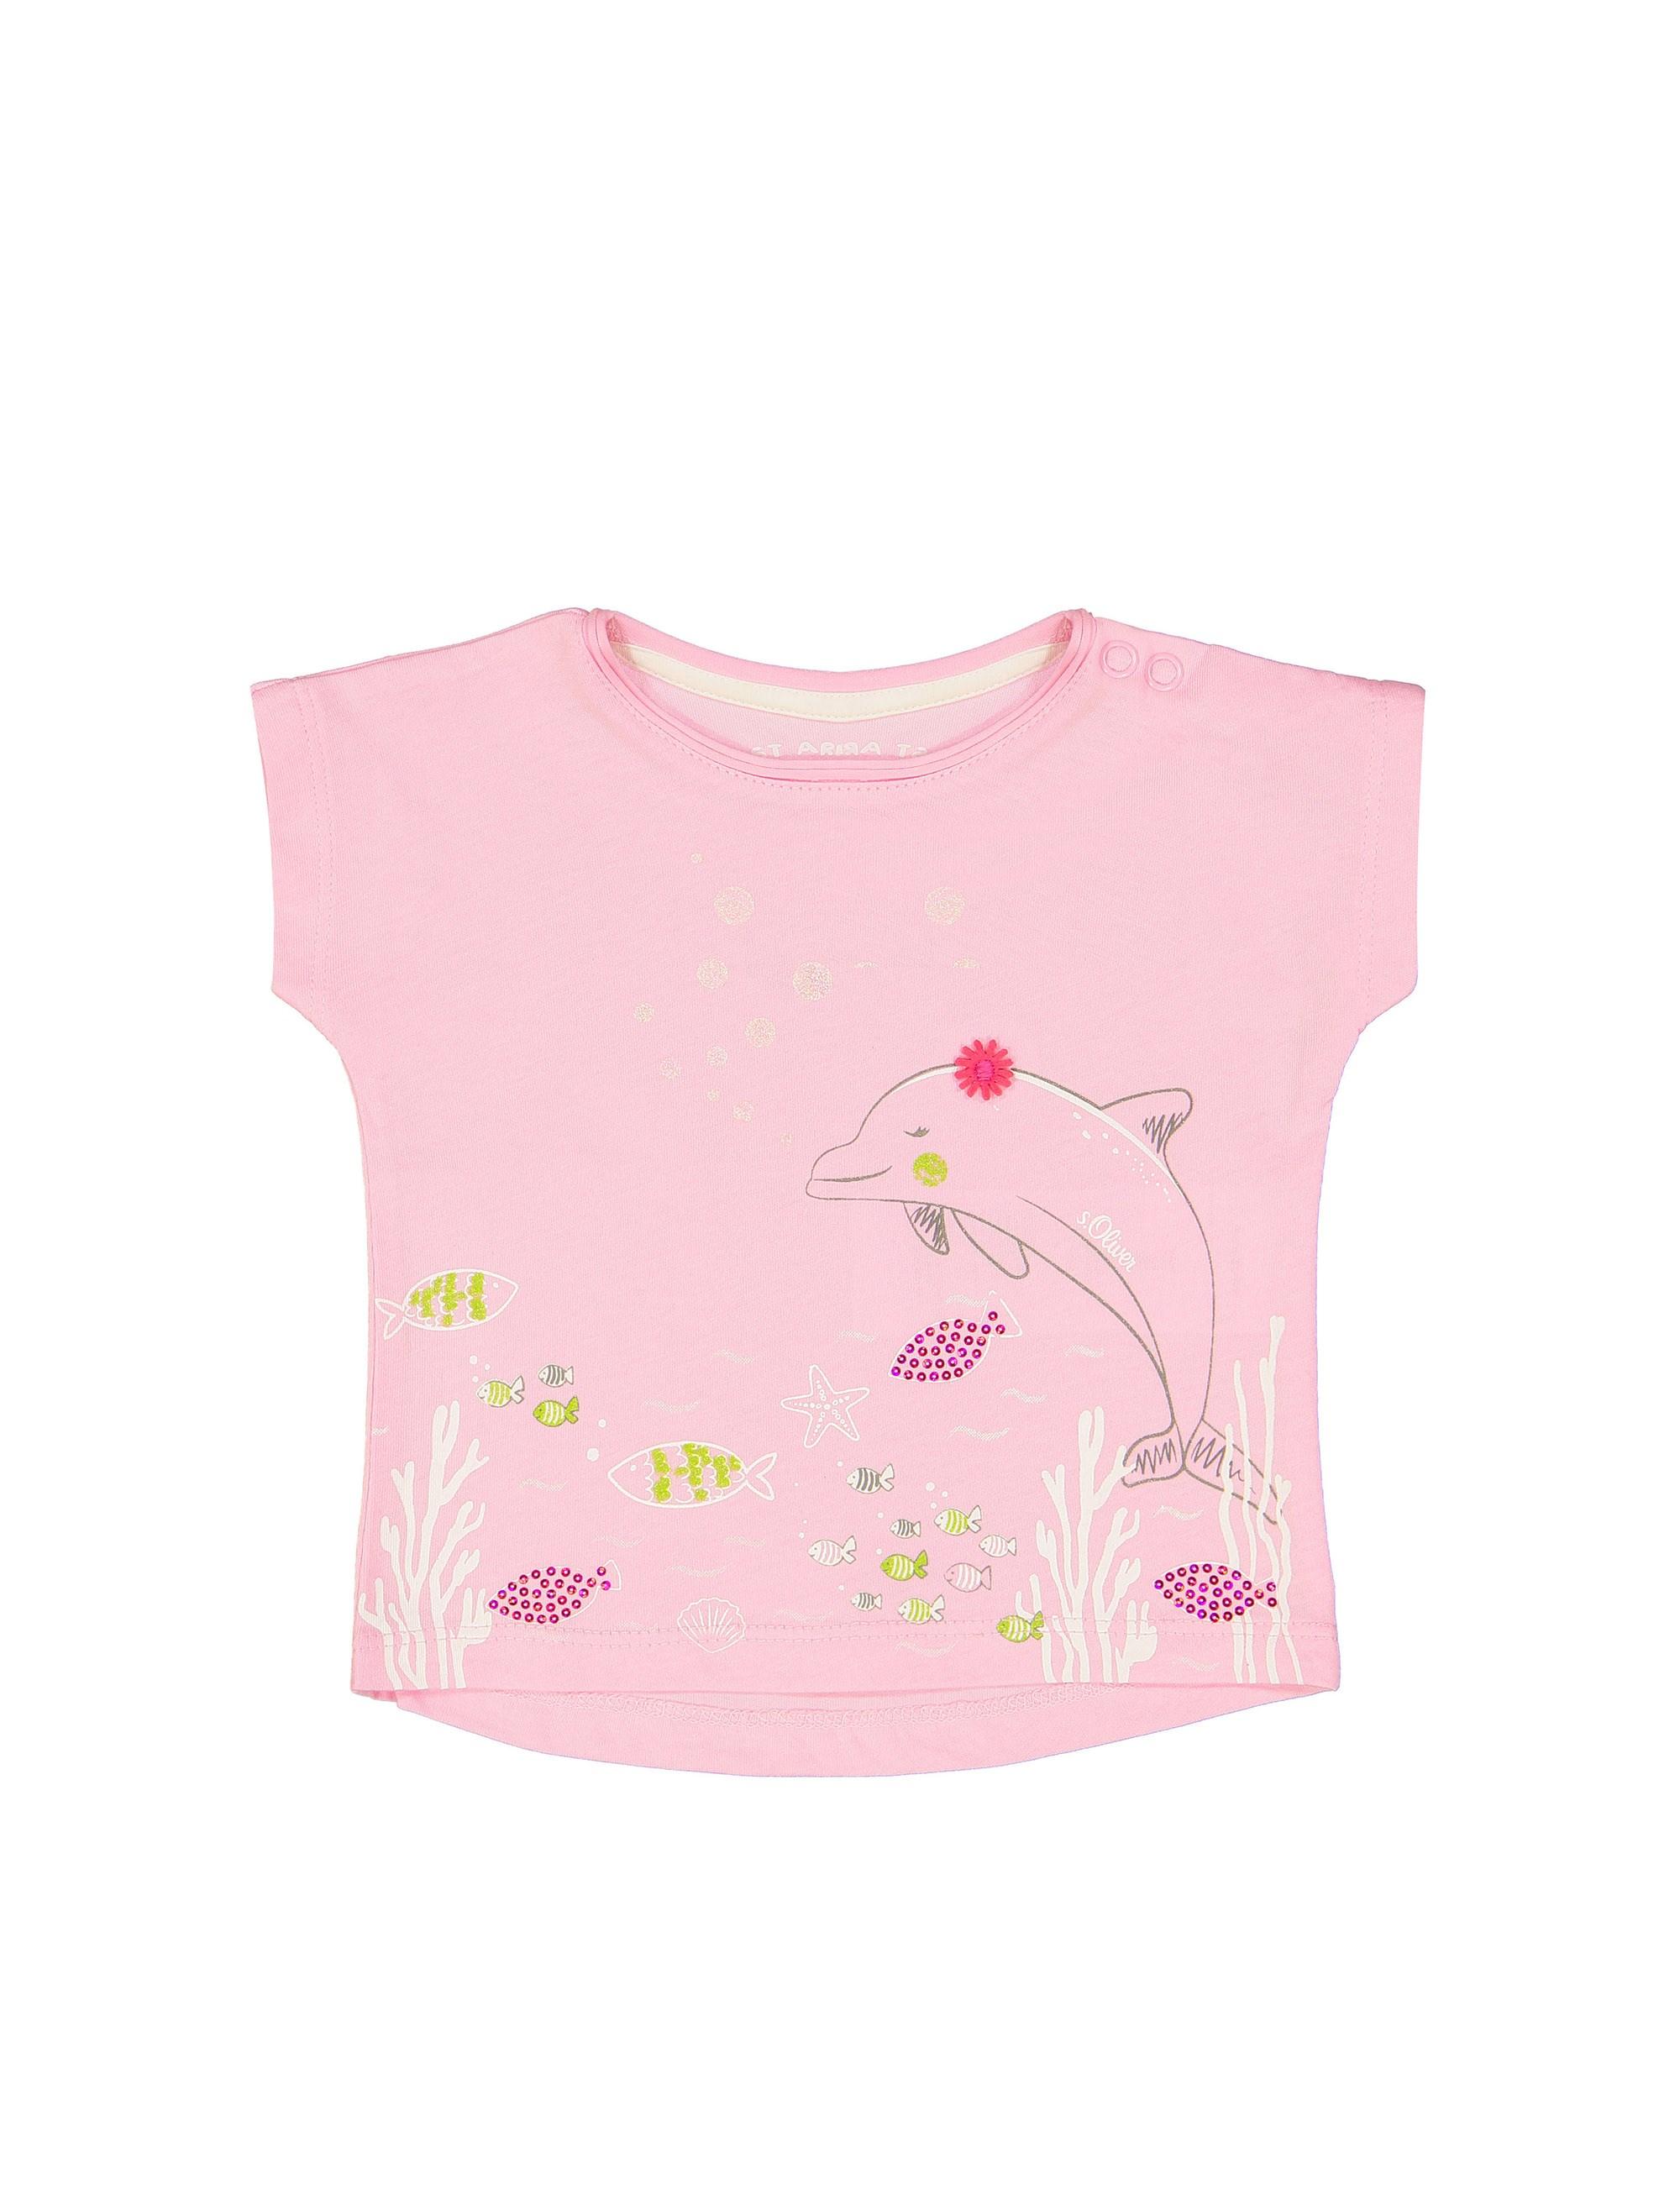 تی شرت نخی یقه گرد نوزادی دخترانه - اس.اولیور - صورتي روشن - 1